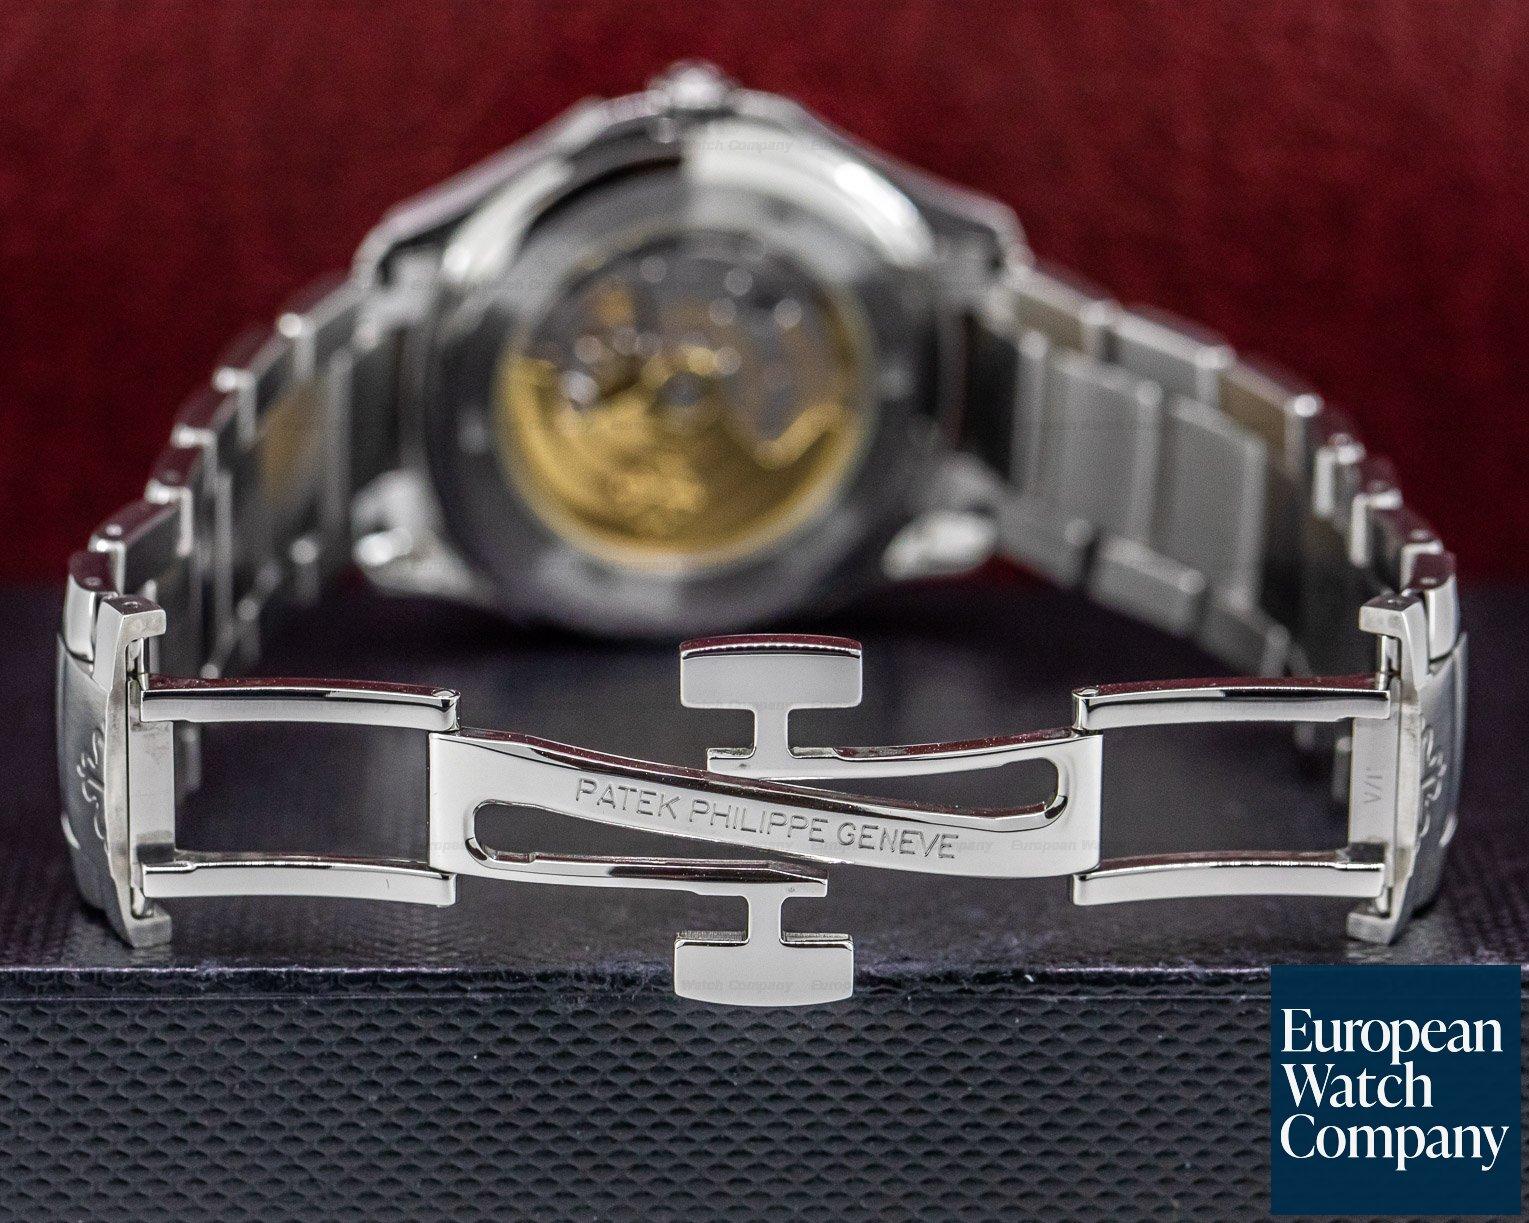 Patek Philippe 5167/1A-001 Aquanaut 5167 SS / Bracelet